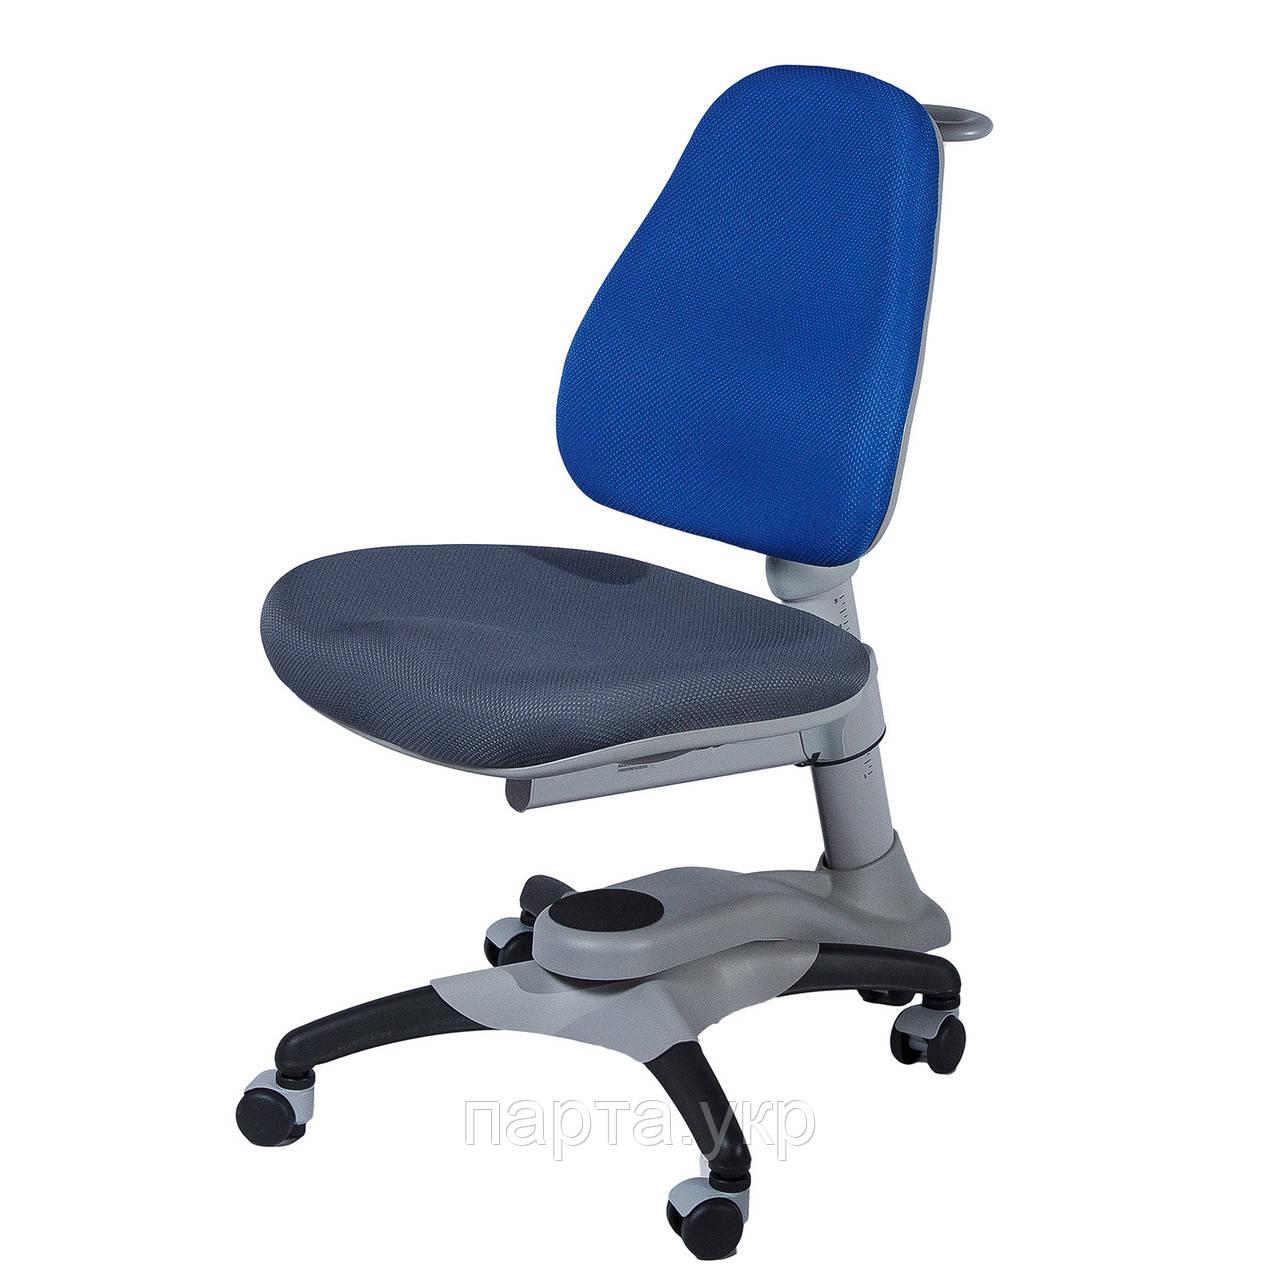 Детское компьютерное кресло для школьника KY-618  Comf Prо - Парта .укр Детские парты, письменные столы и кресла. в Киеве